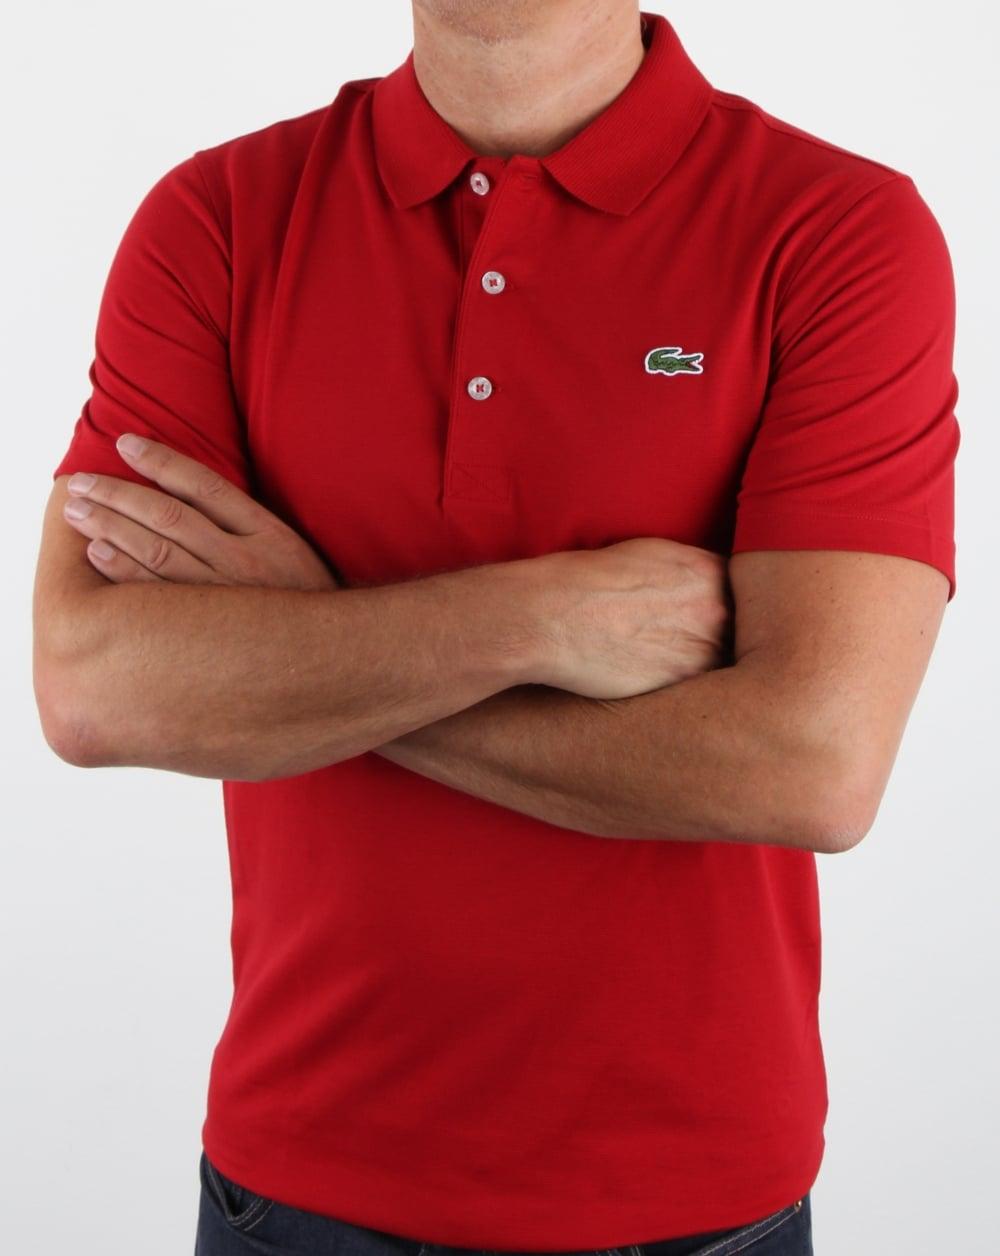 3eaf7bb2f8f23 Lacoste Ultra-lightweight Knit Polo Shirt Ladybird